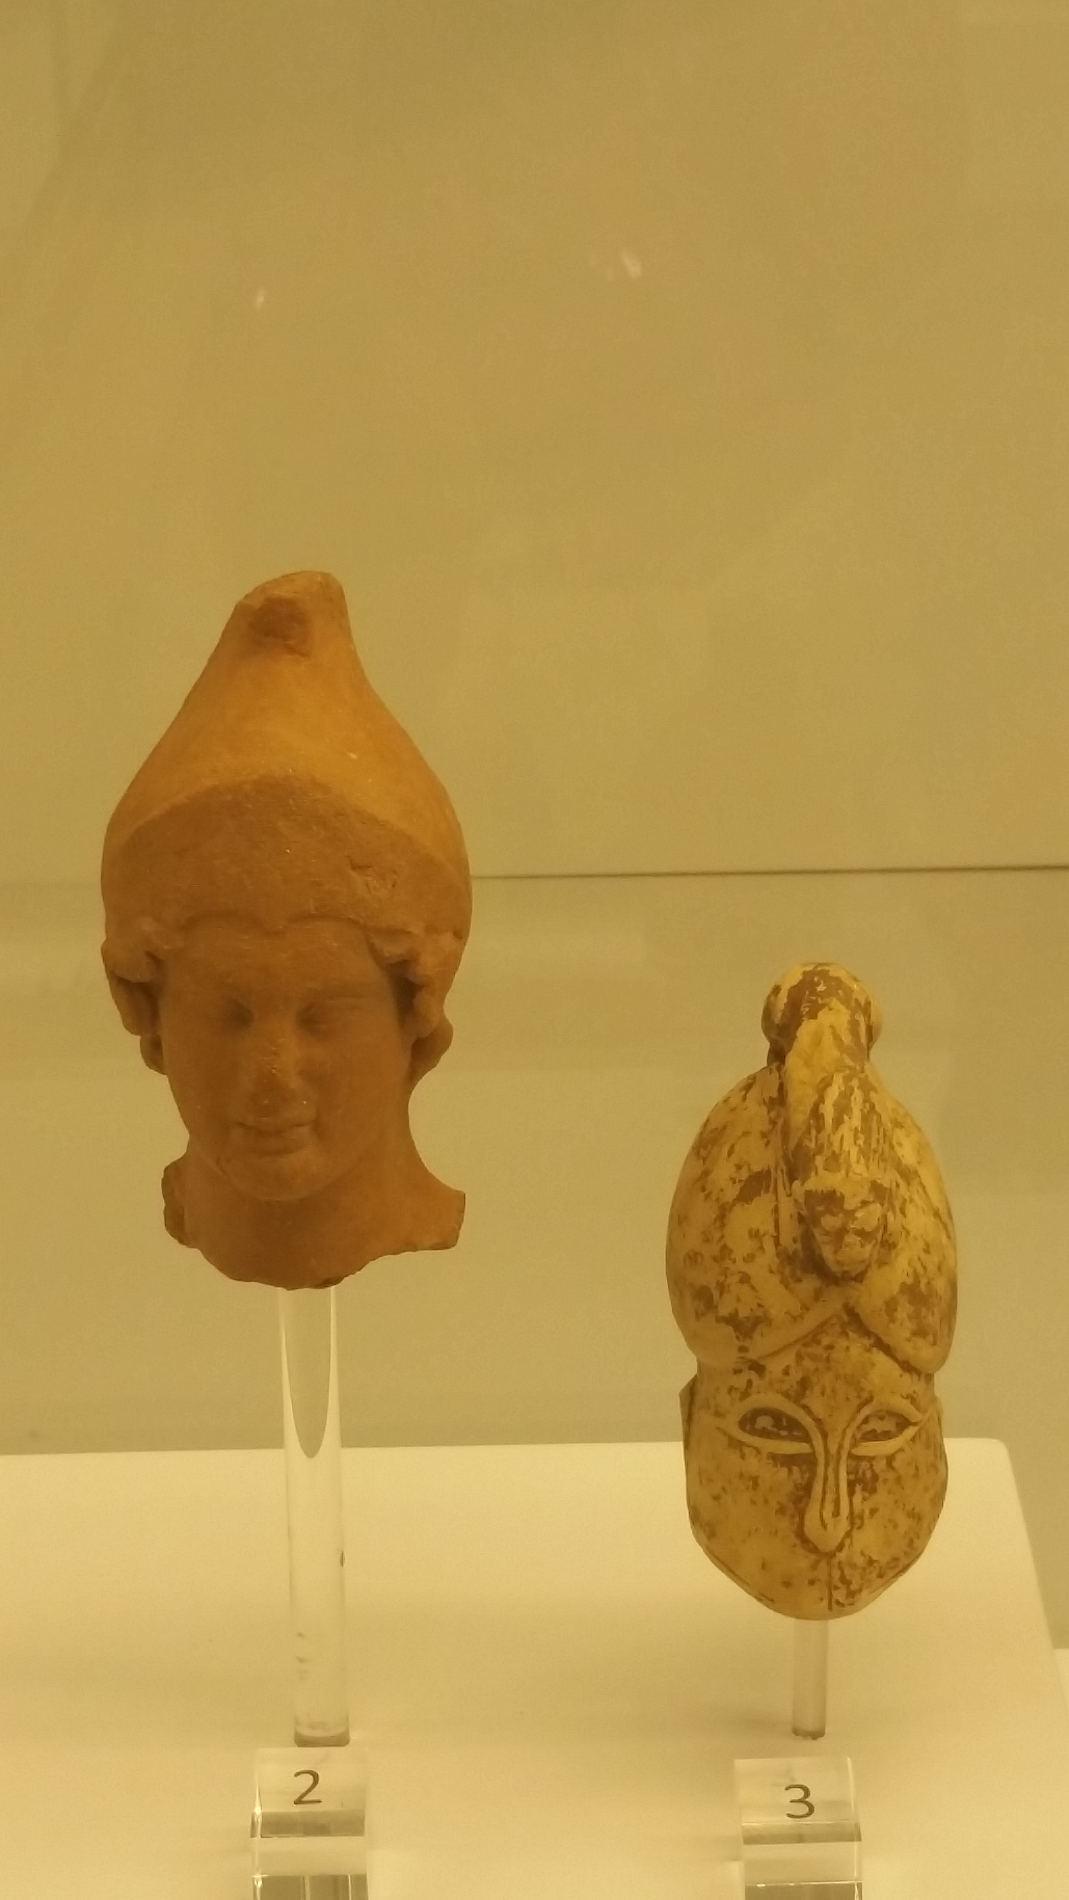 Il Museo Nazionale della Magna Grecia a Reggio Calabria